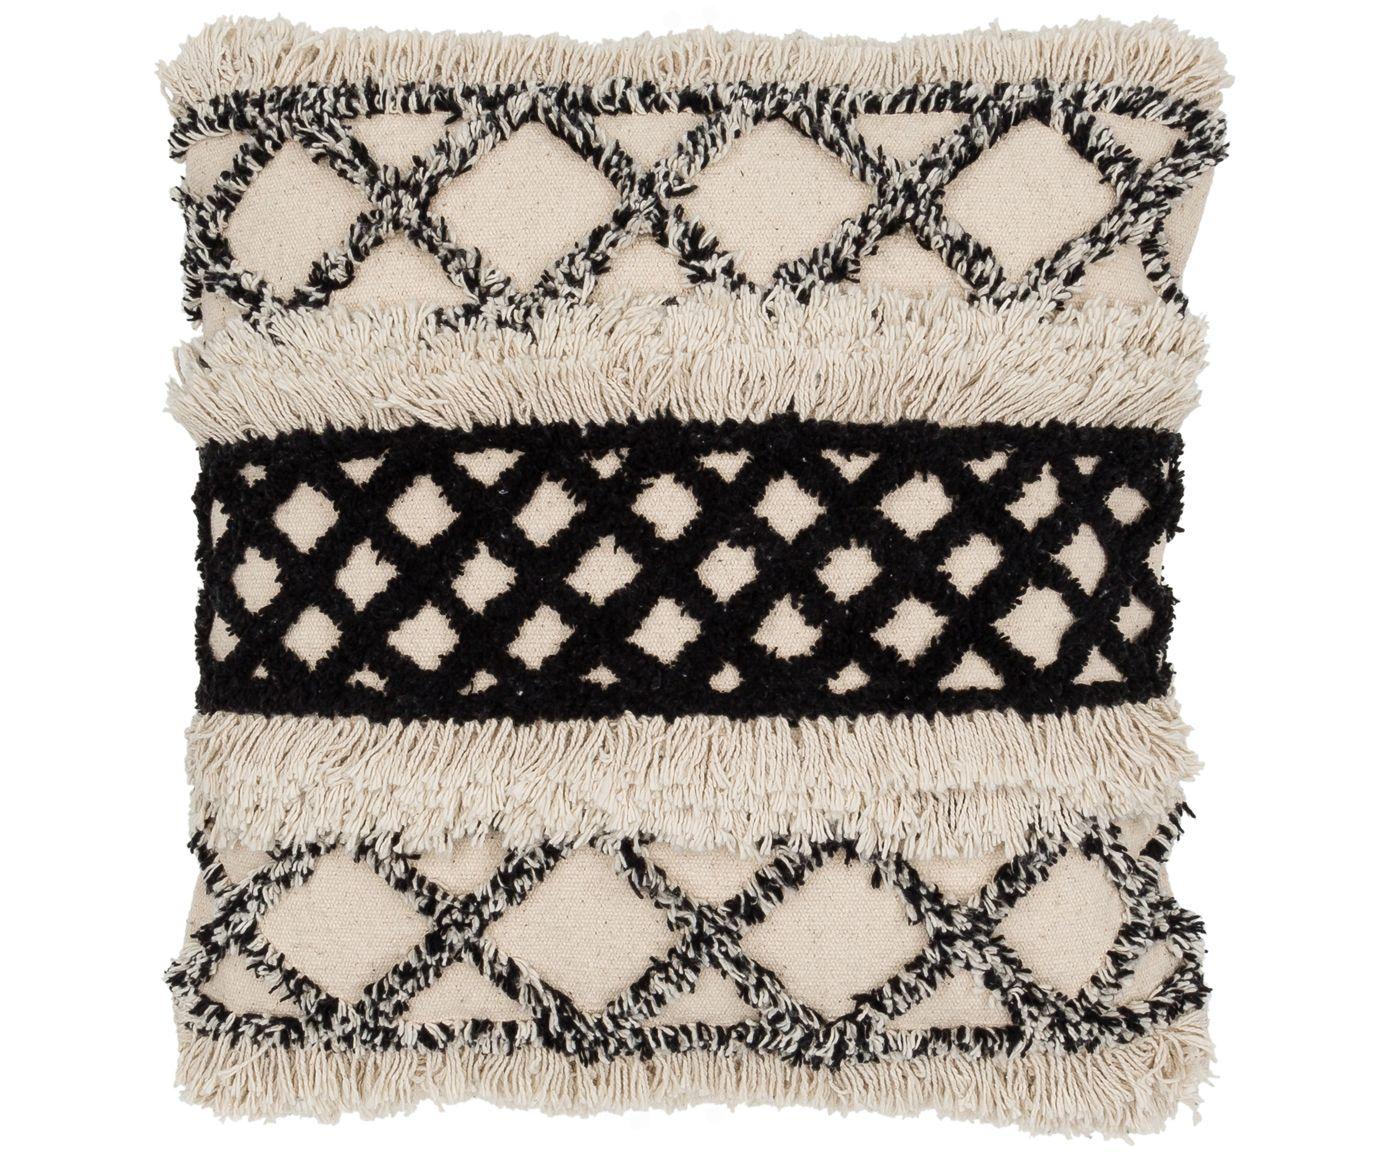 Mit Kissen Woolly in Gebrochenes Weiß, Schwarz von HD